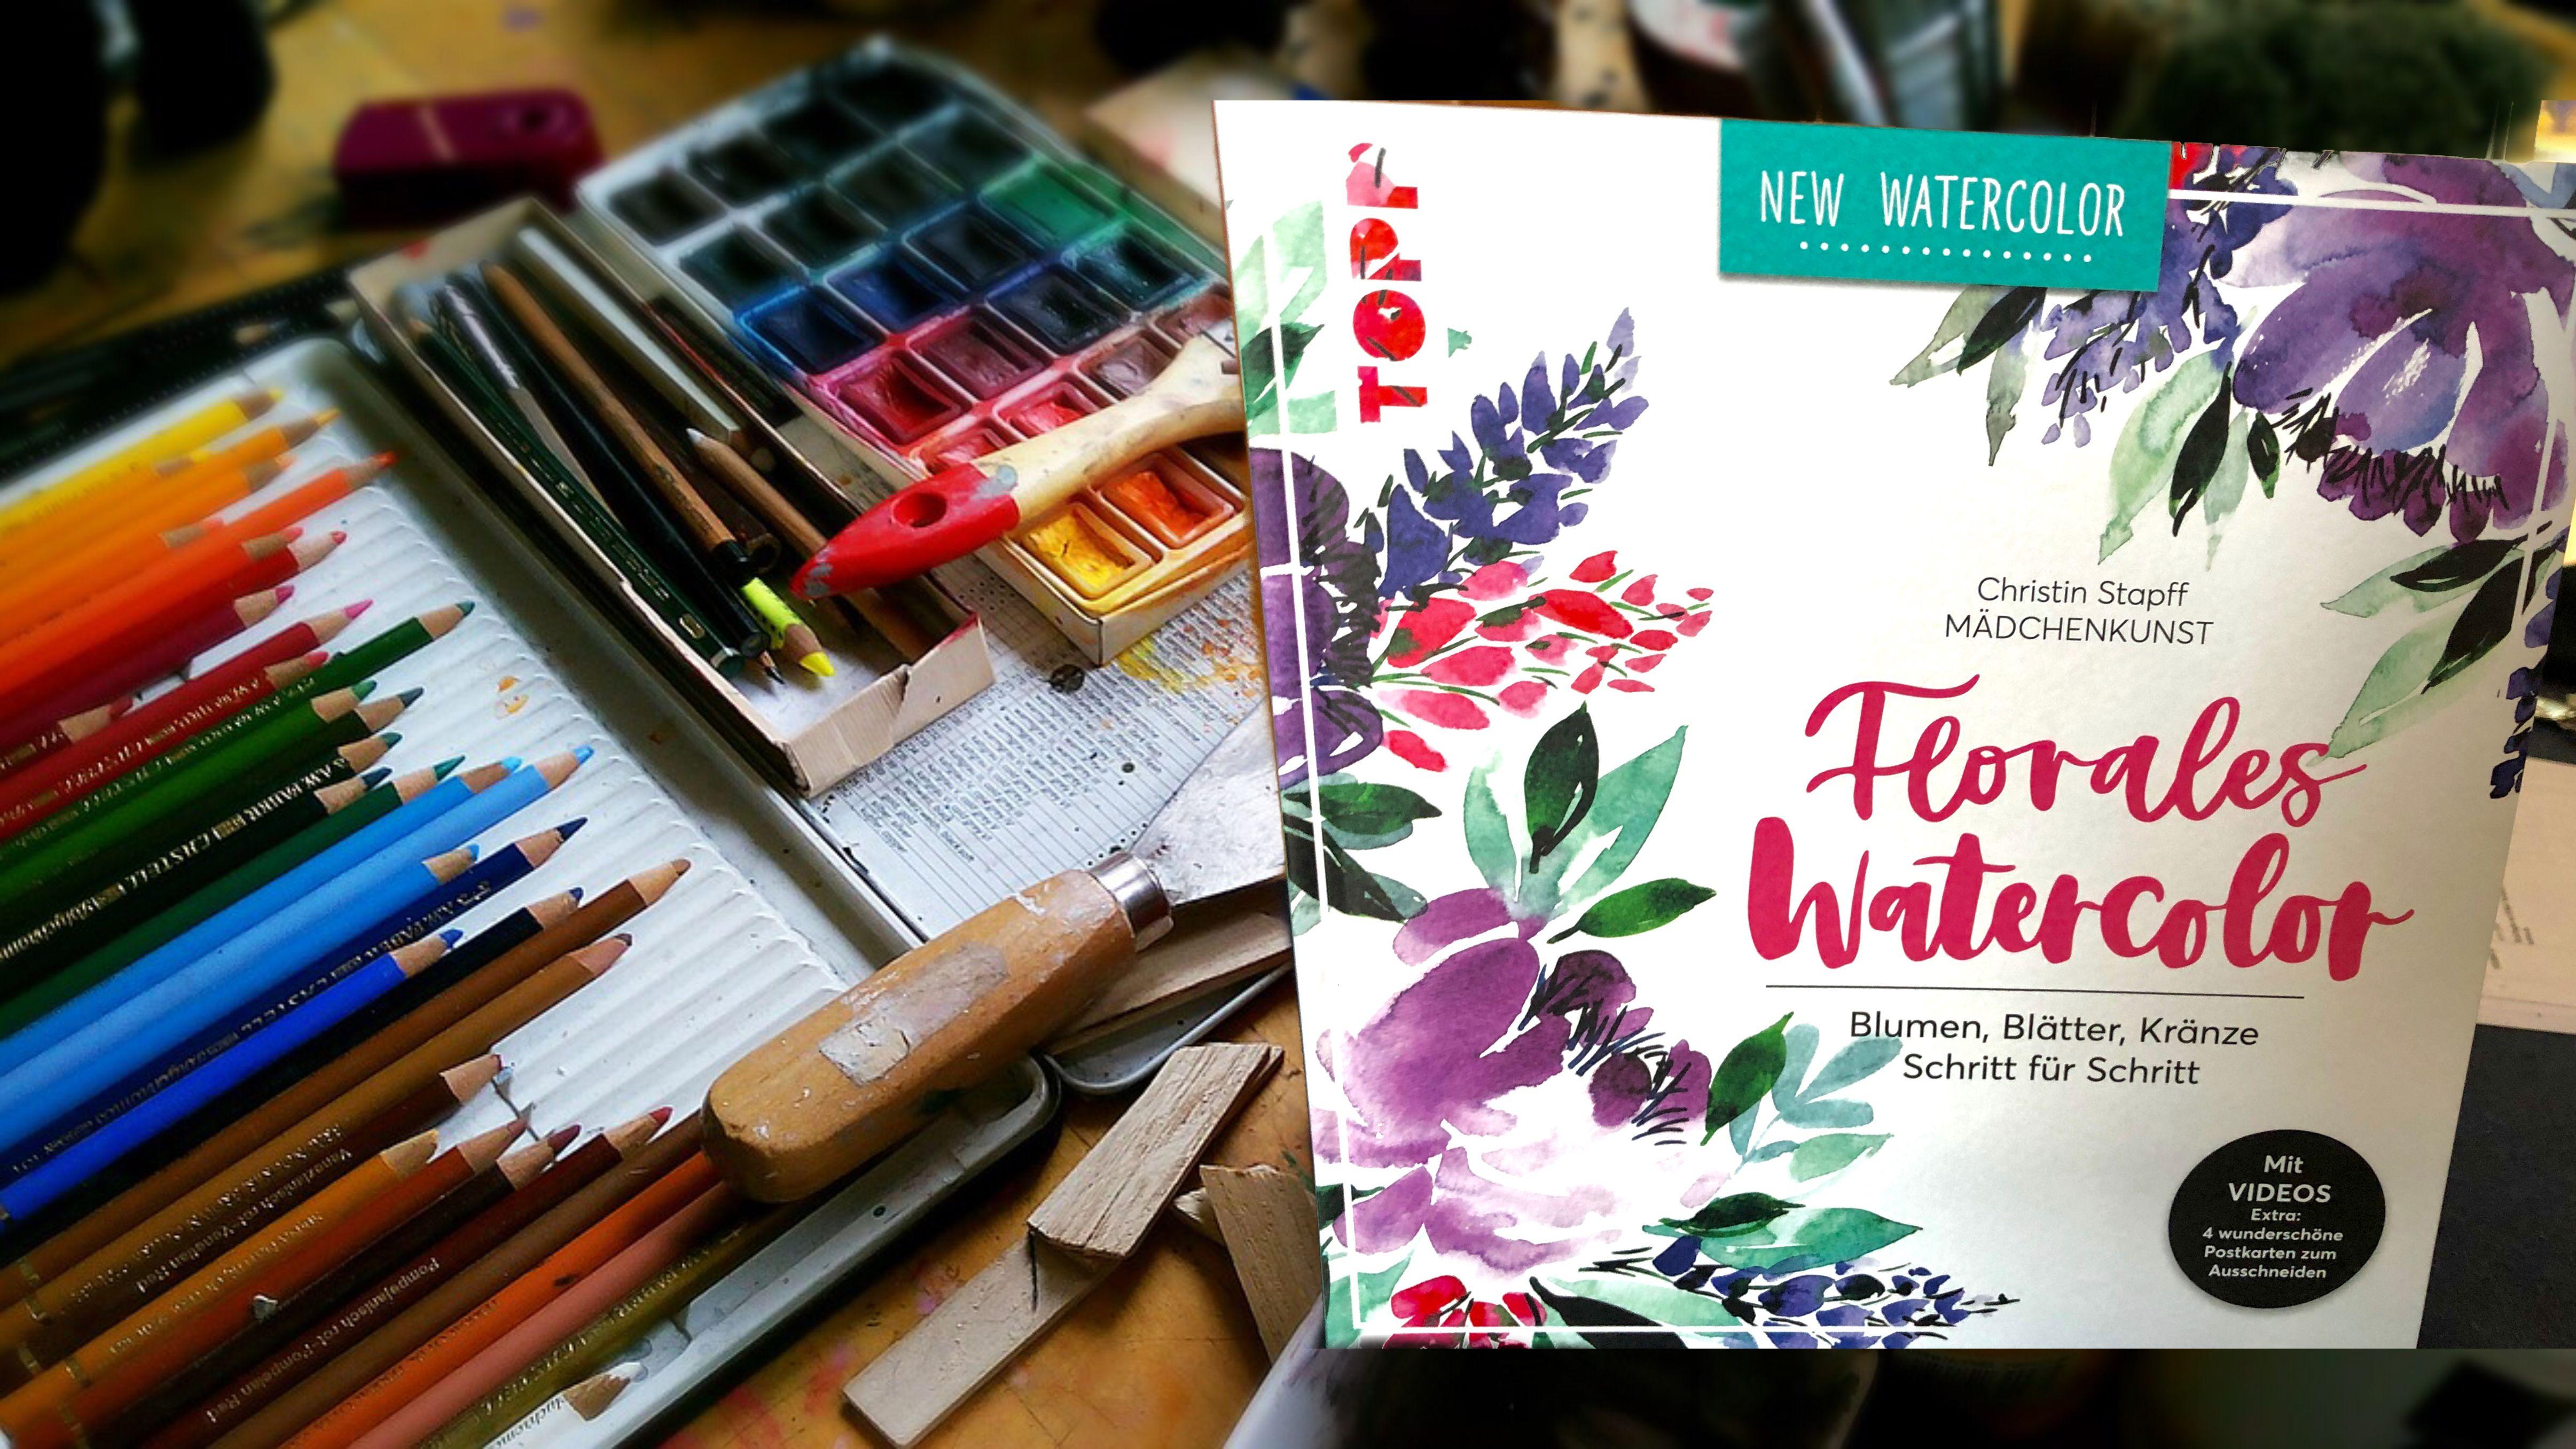 Florales Watercolor Von Christin Stapff Ein Feines Buch Fur